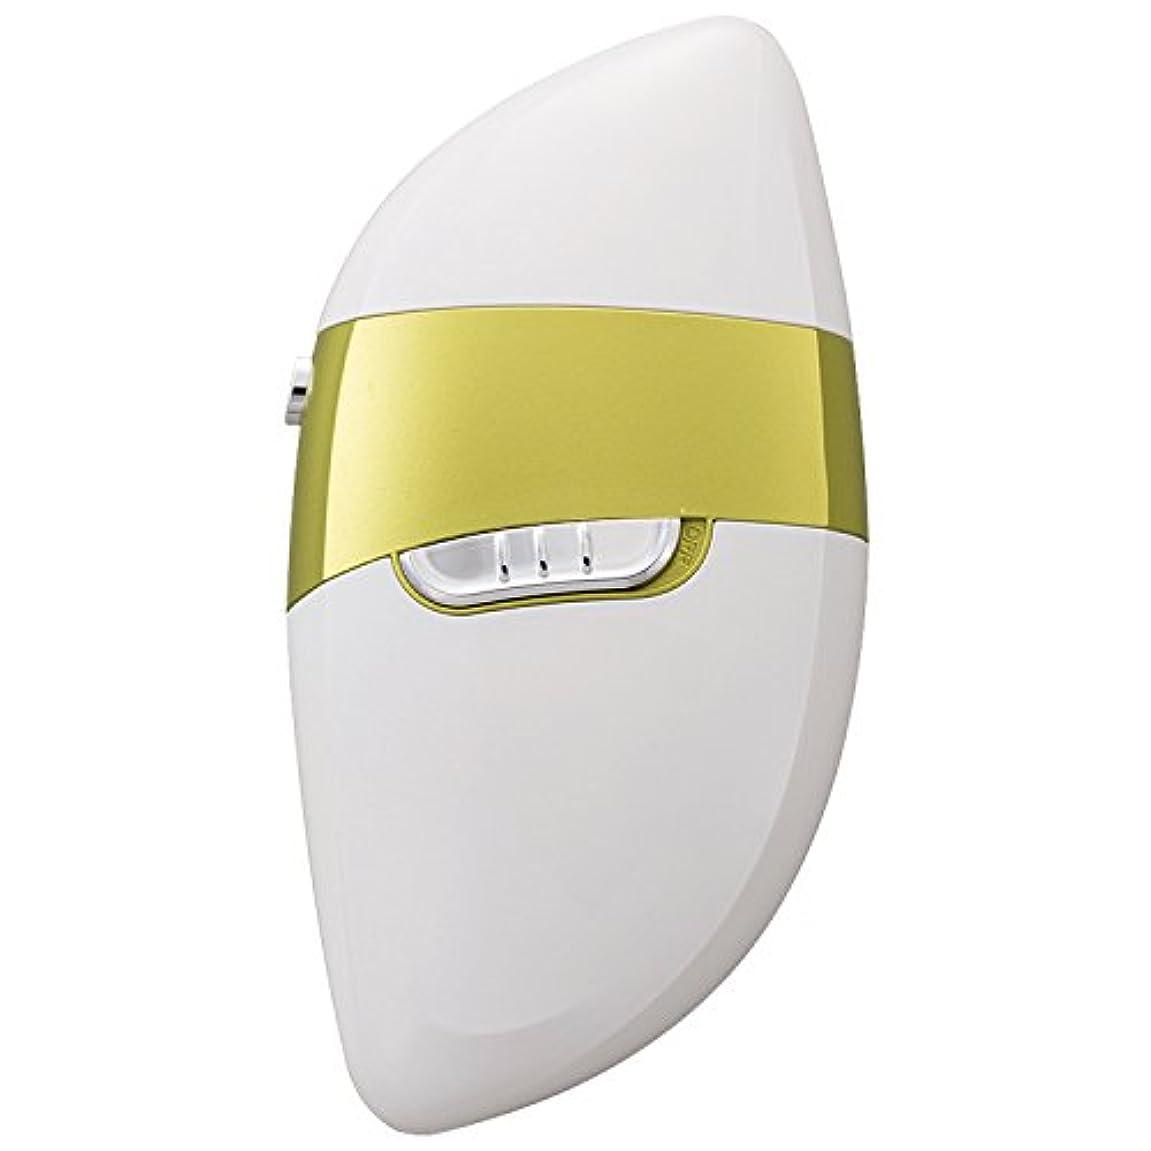 損なうハードクラフトマリン商事 電動爪切り Leaf 角質ローラー付 EL-50176